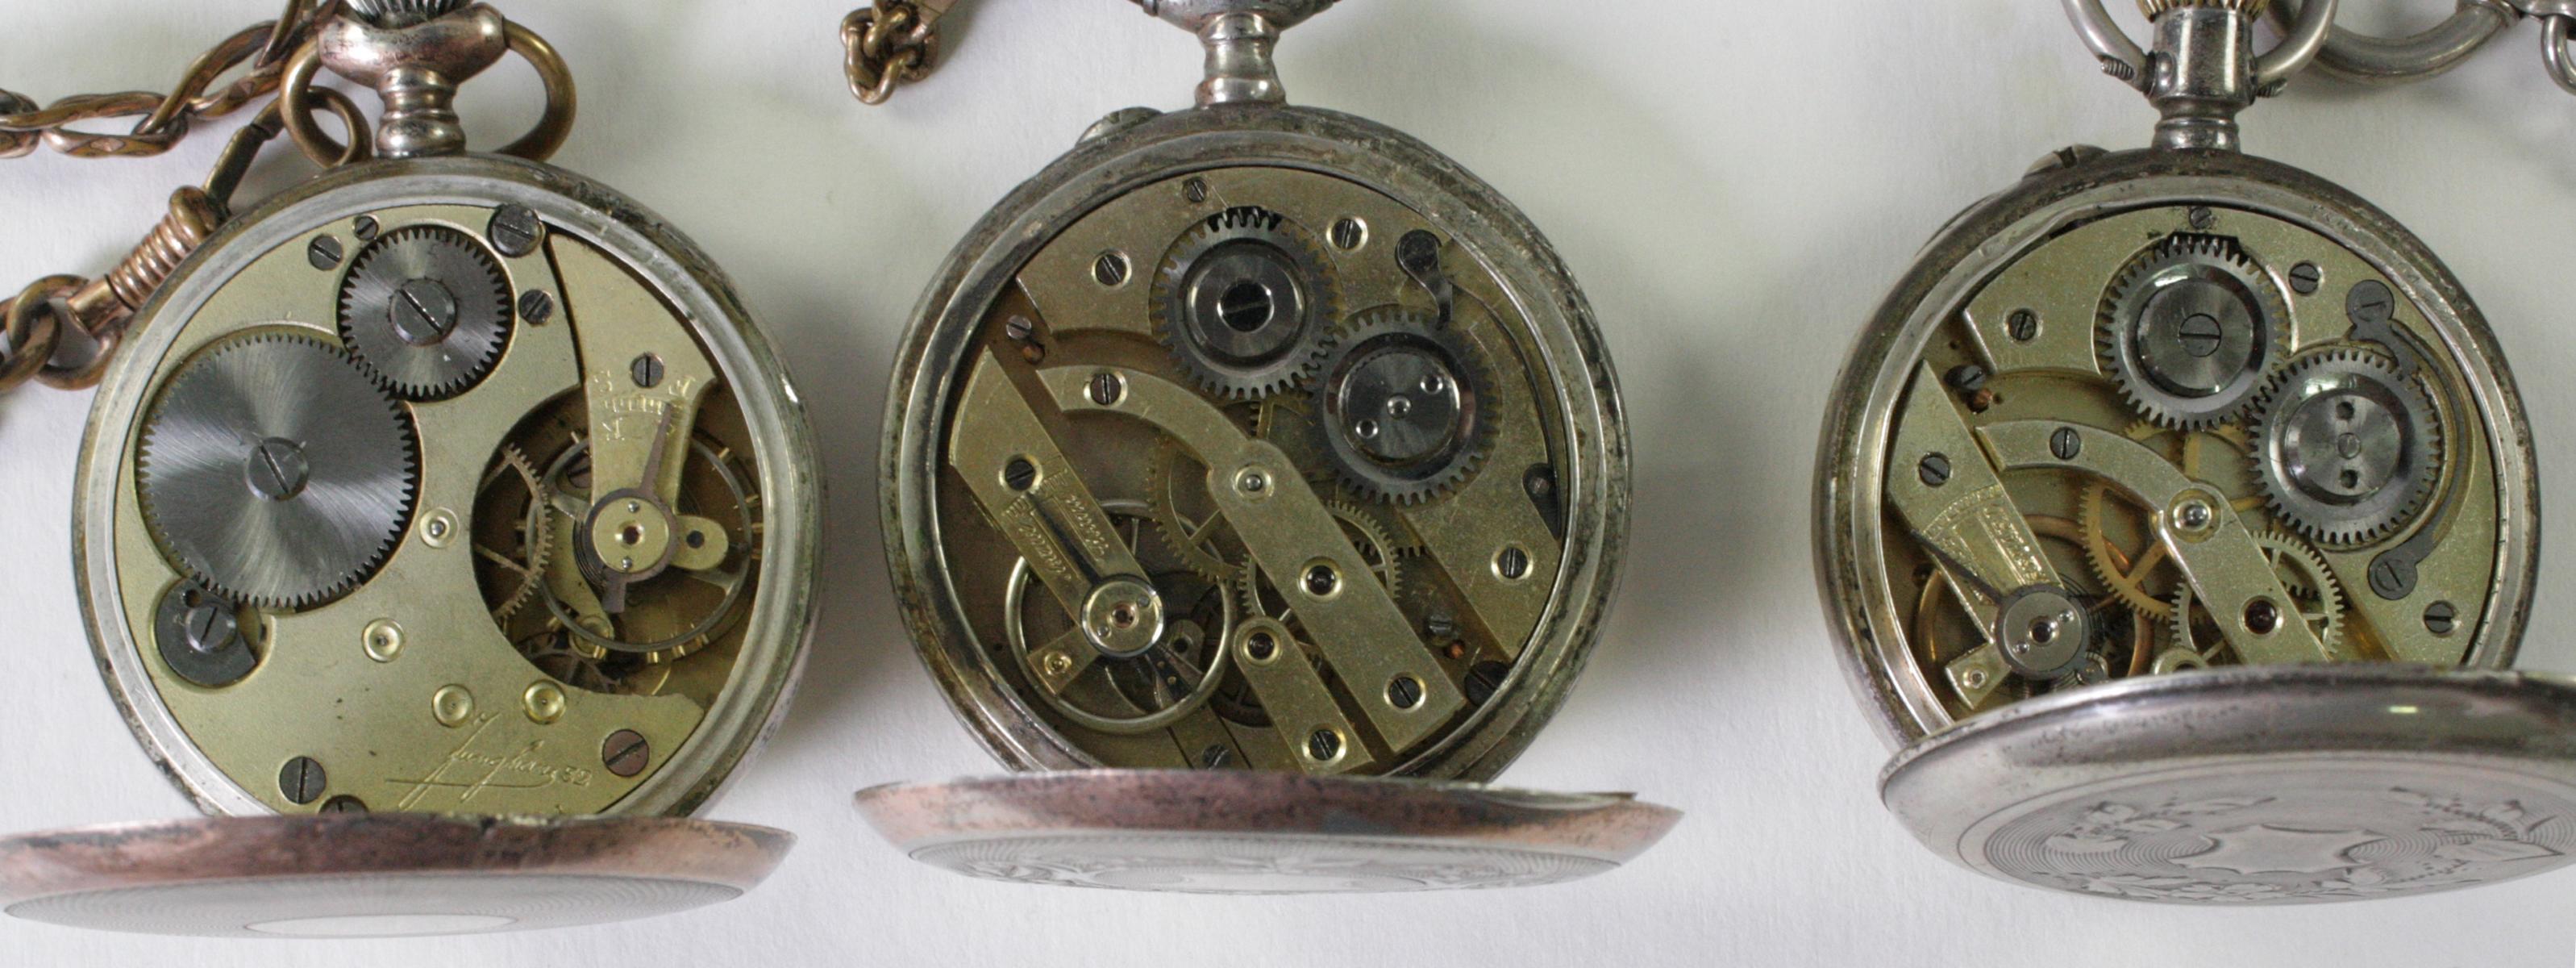 Drei antike Taschenuhren um 1900 aus Silber-4